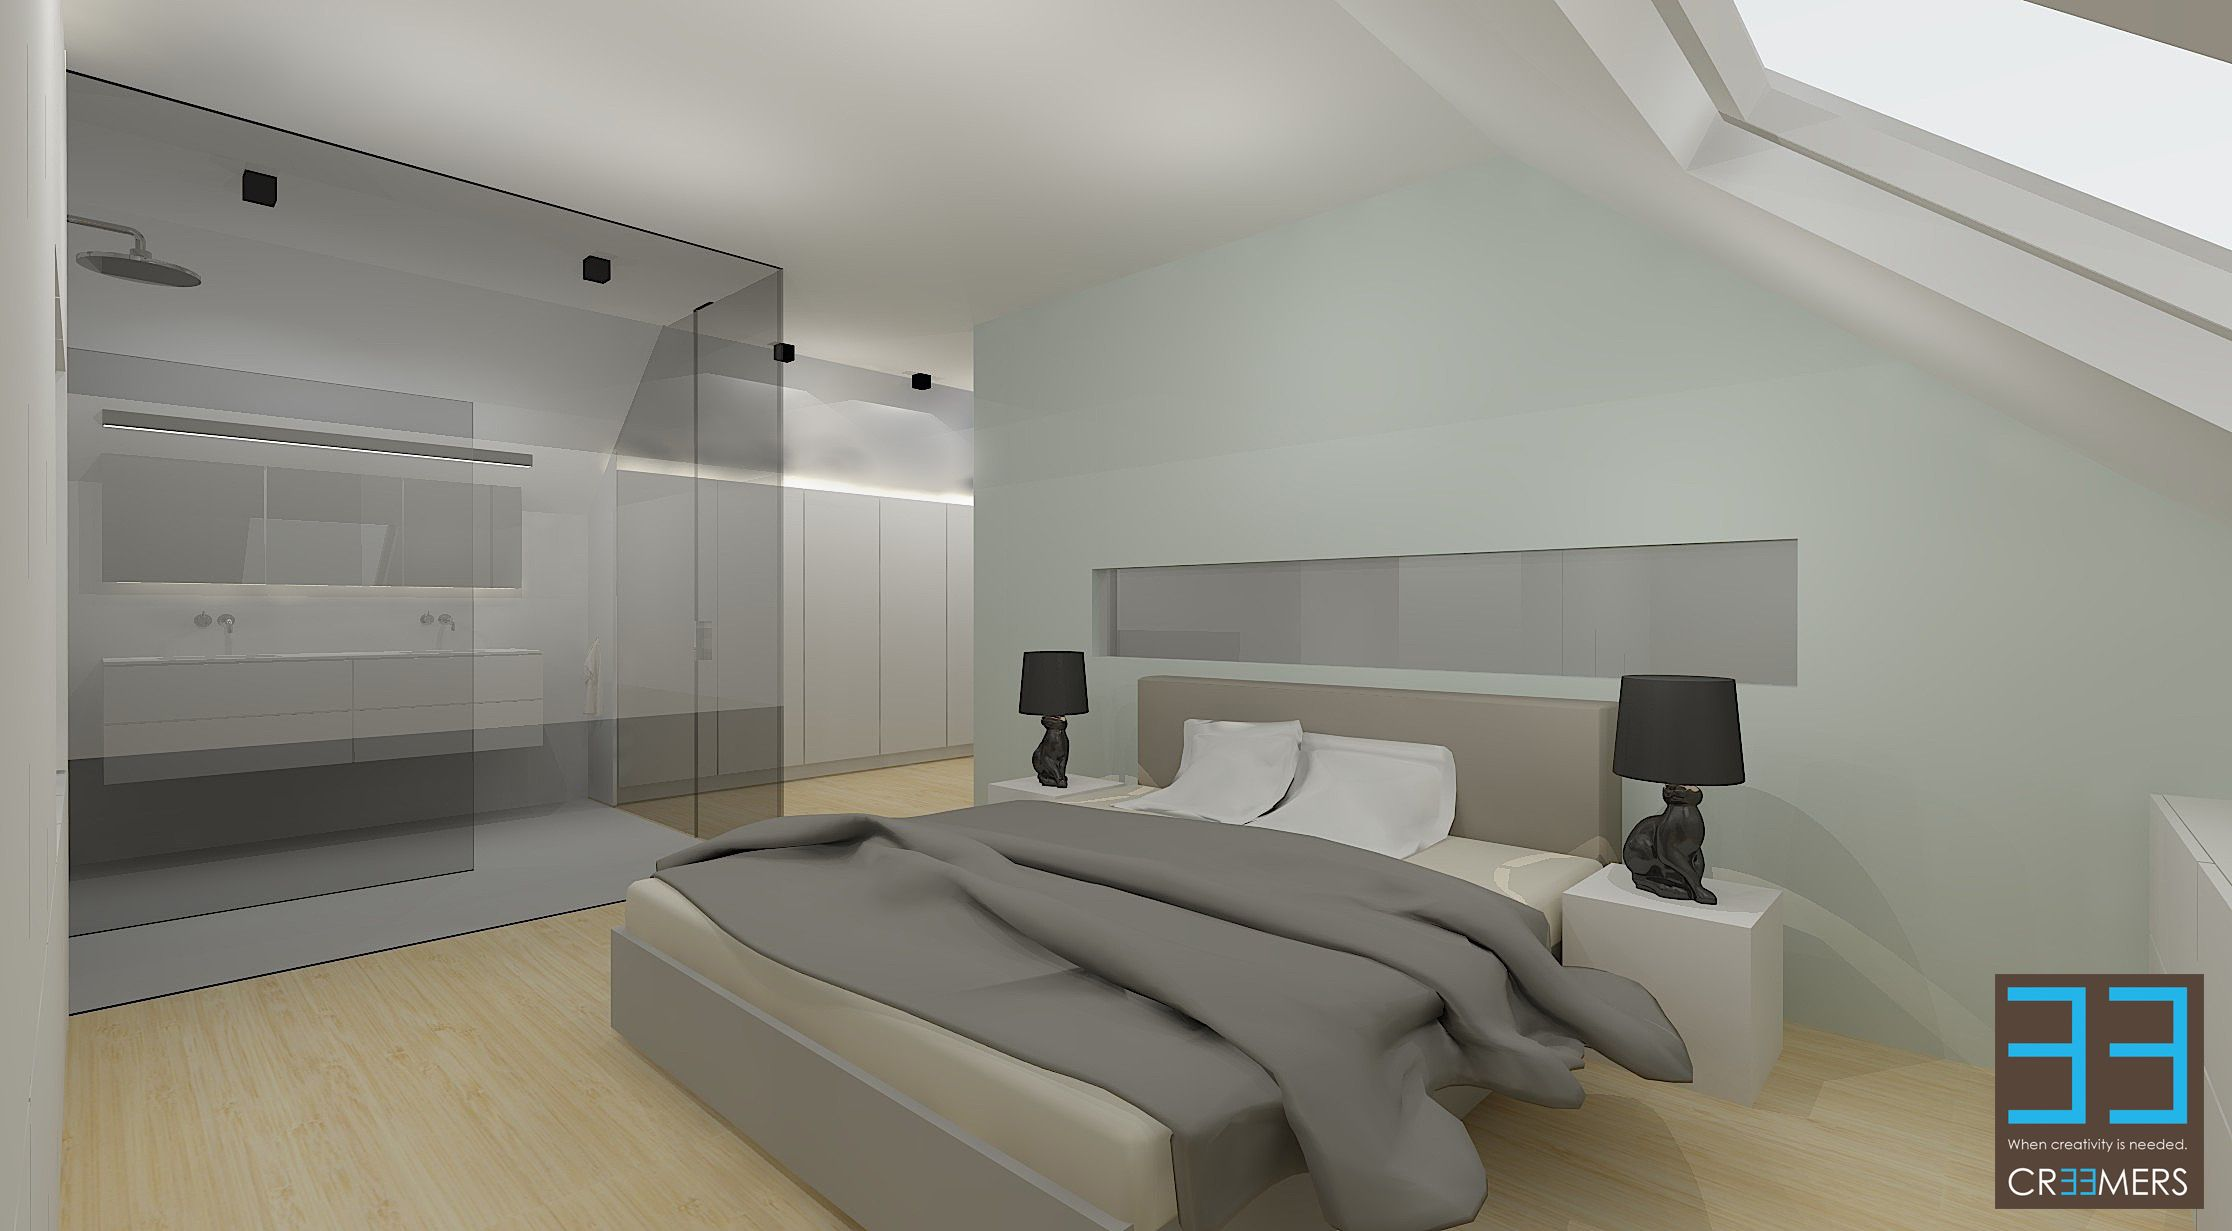 Slaapkamer met maatkasten en ingewerkte tv. Indirecte verlichting ...